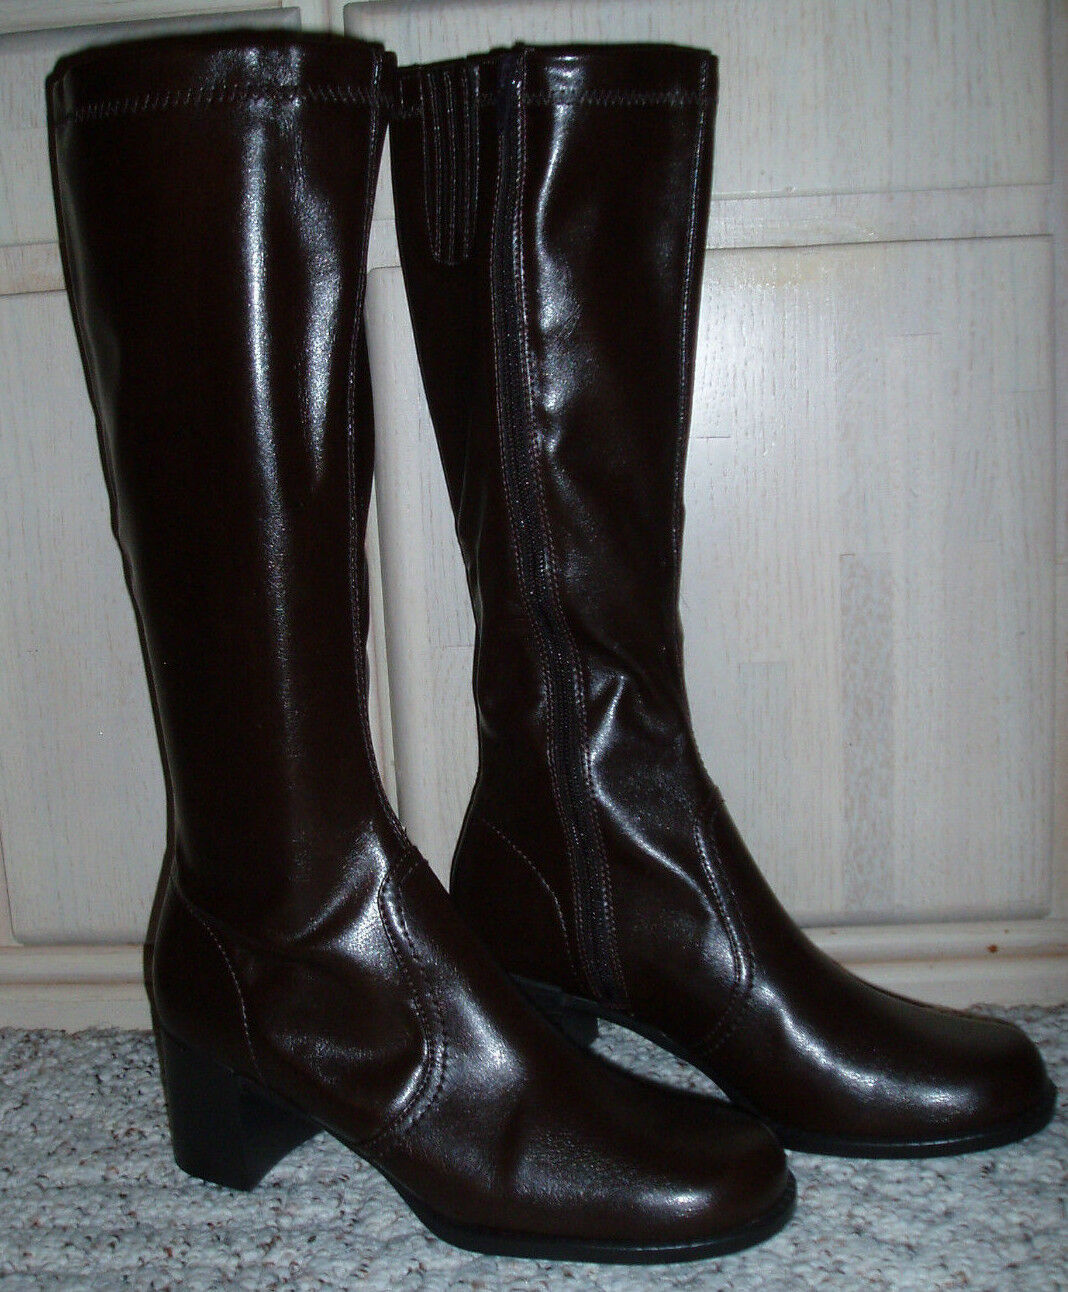 NewWomens KAREN SCOTT 'Flora' Knee High Heel BootsPatent VinylBrownSize 7.5